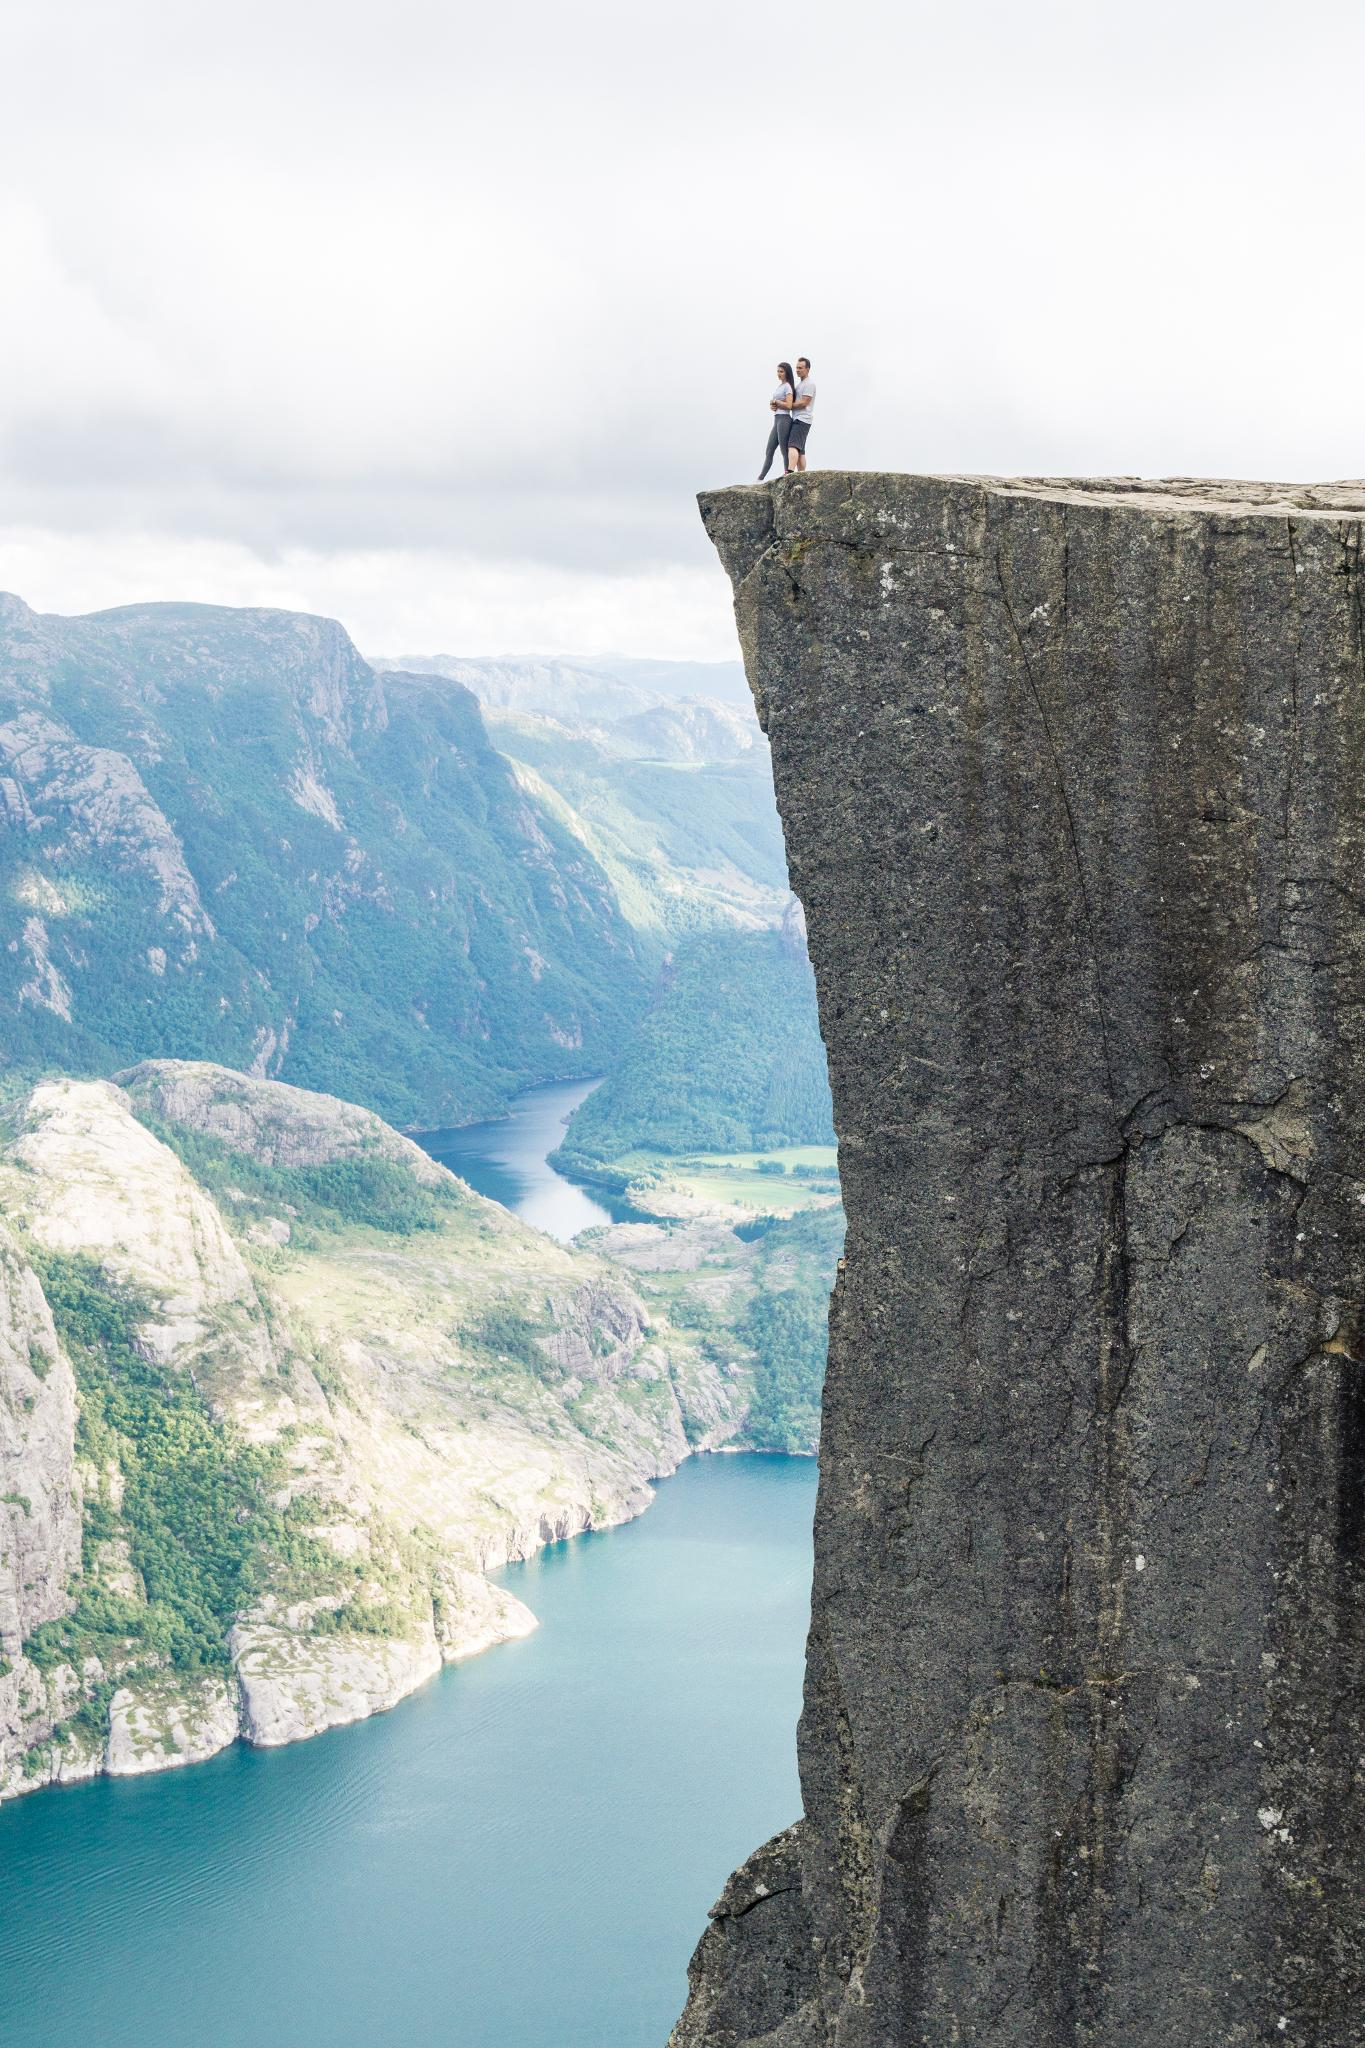 【北歐景點】朝聖挪威三大奇岩:聖壇岩Preikestolen健行紀錄 41